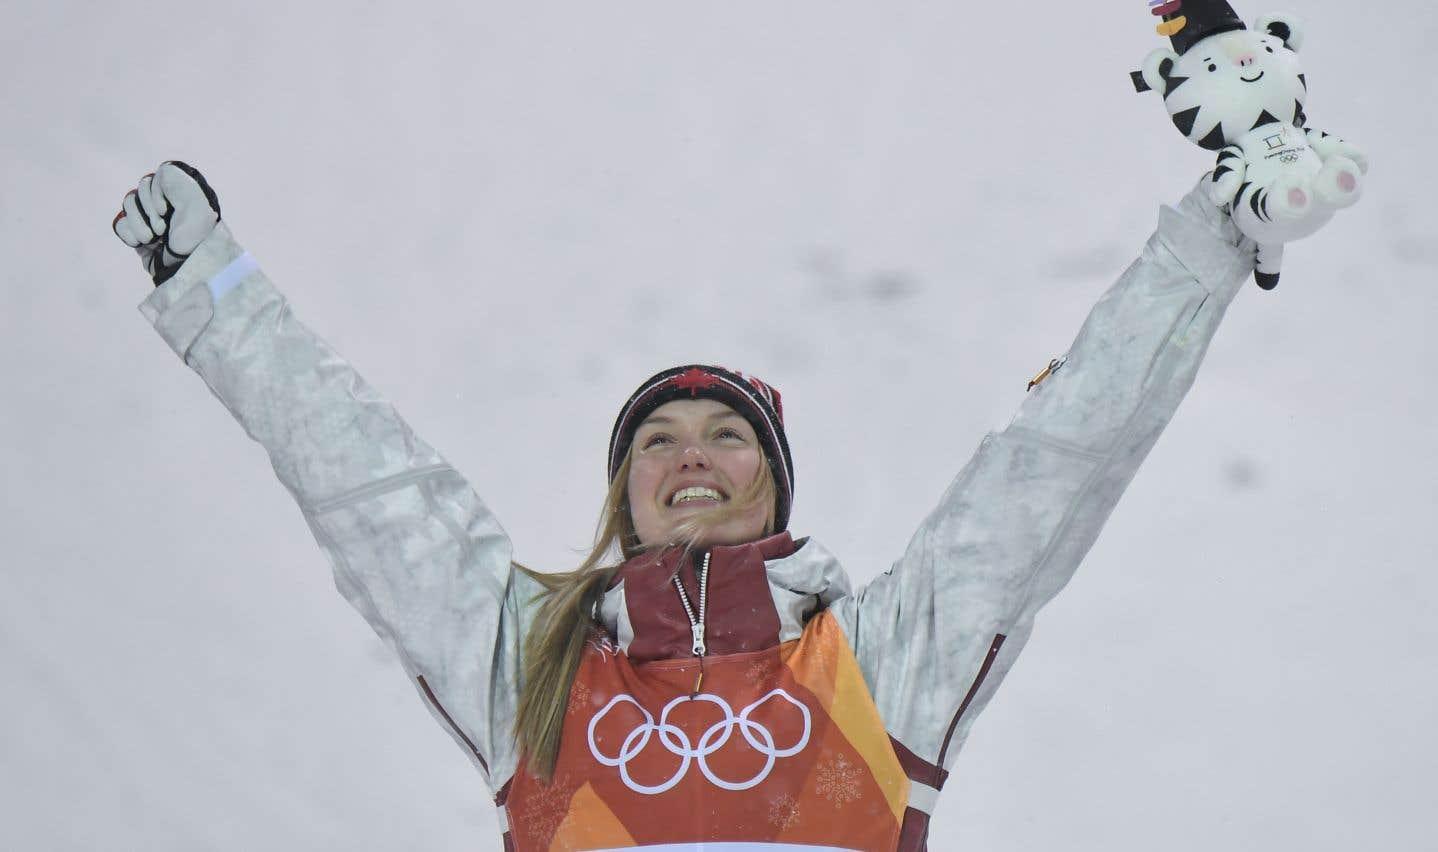 Justine Dufour-Lapointe remporte l'argent à Pyeongchang